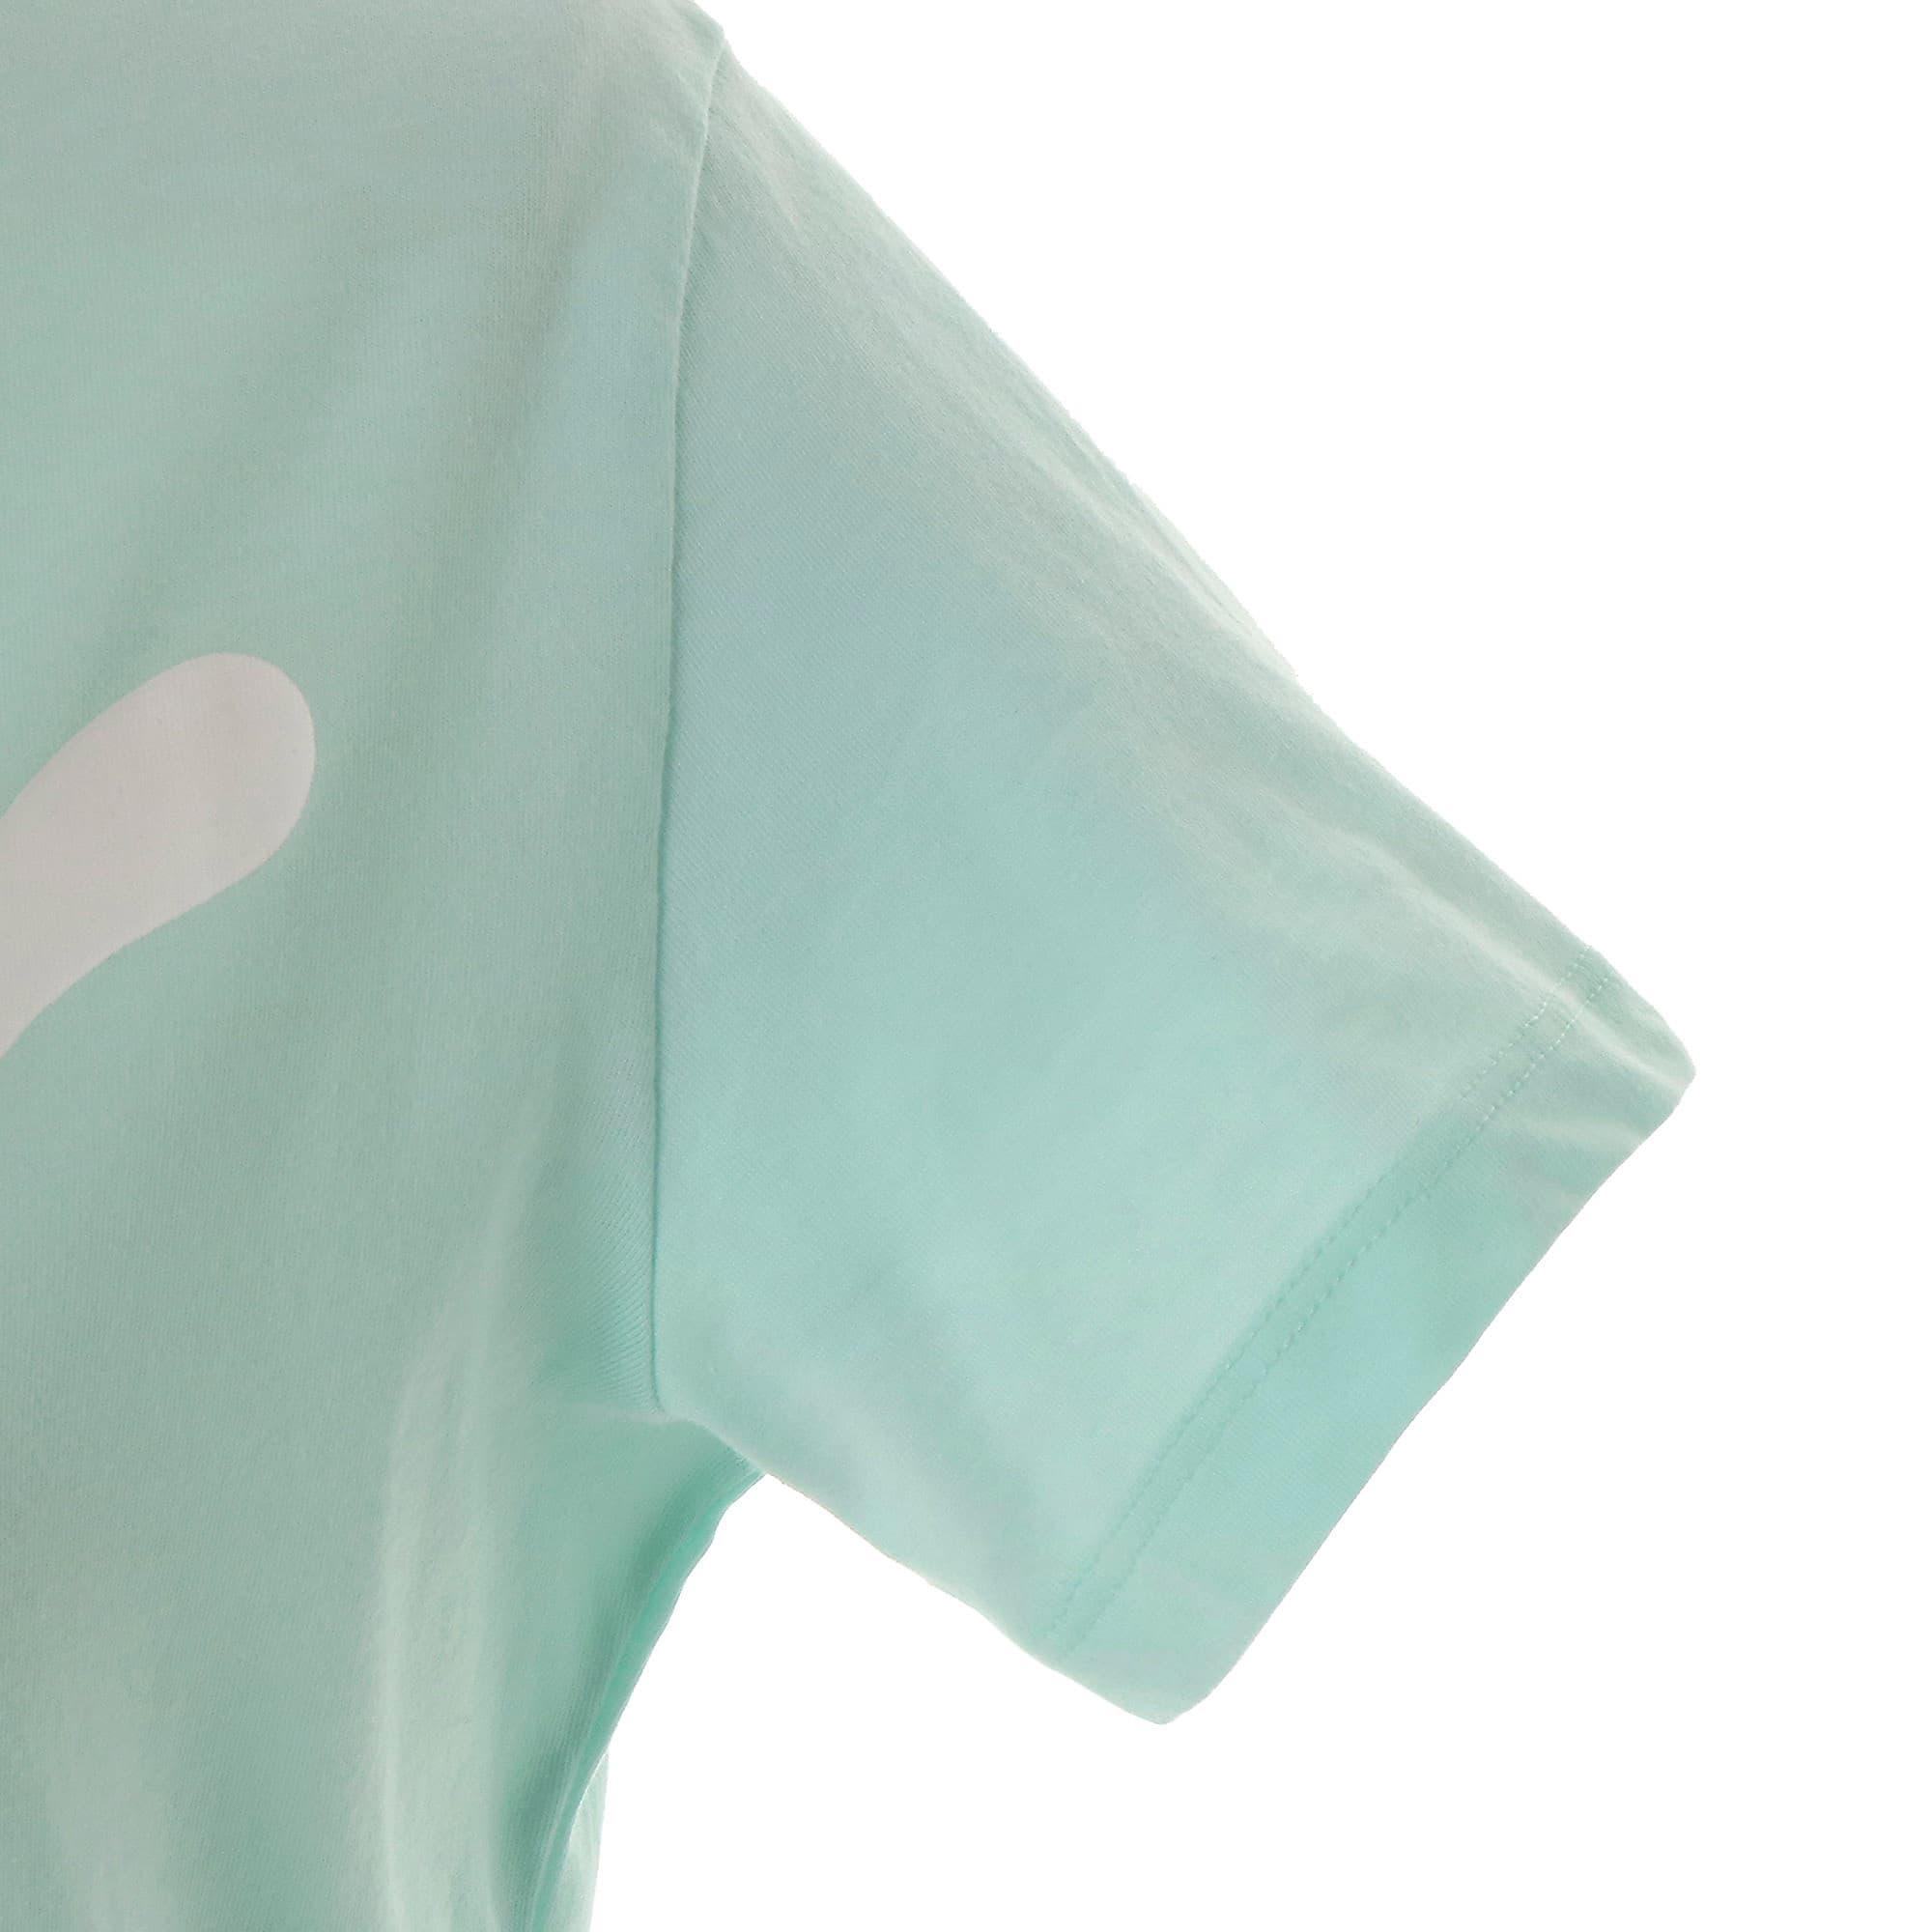 Thumbnail 7 of CLASSICS ロゴ ウィメンズ SS Tシャツ 半袖, Fair Aqua, medium-JPN